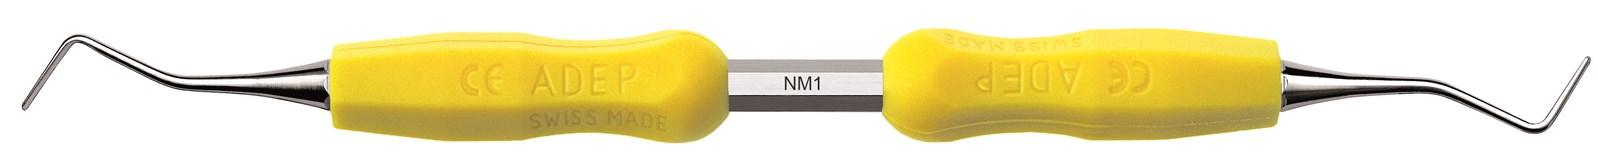 Lžičkové dlátko - NM1, ADEP tmavě modrý